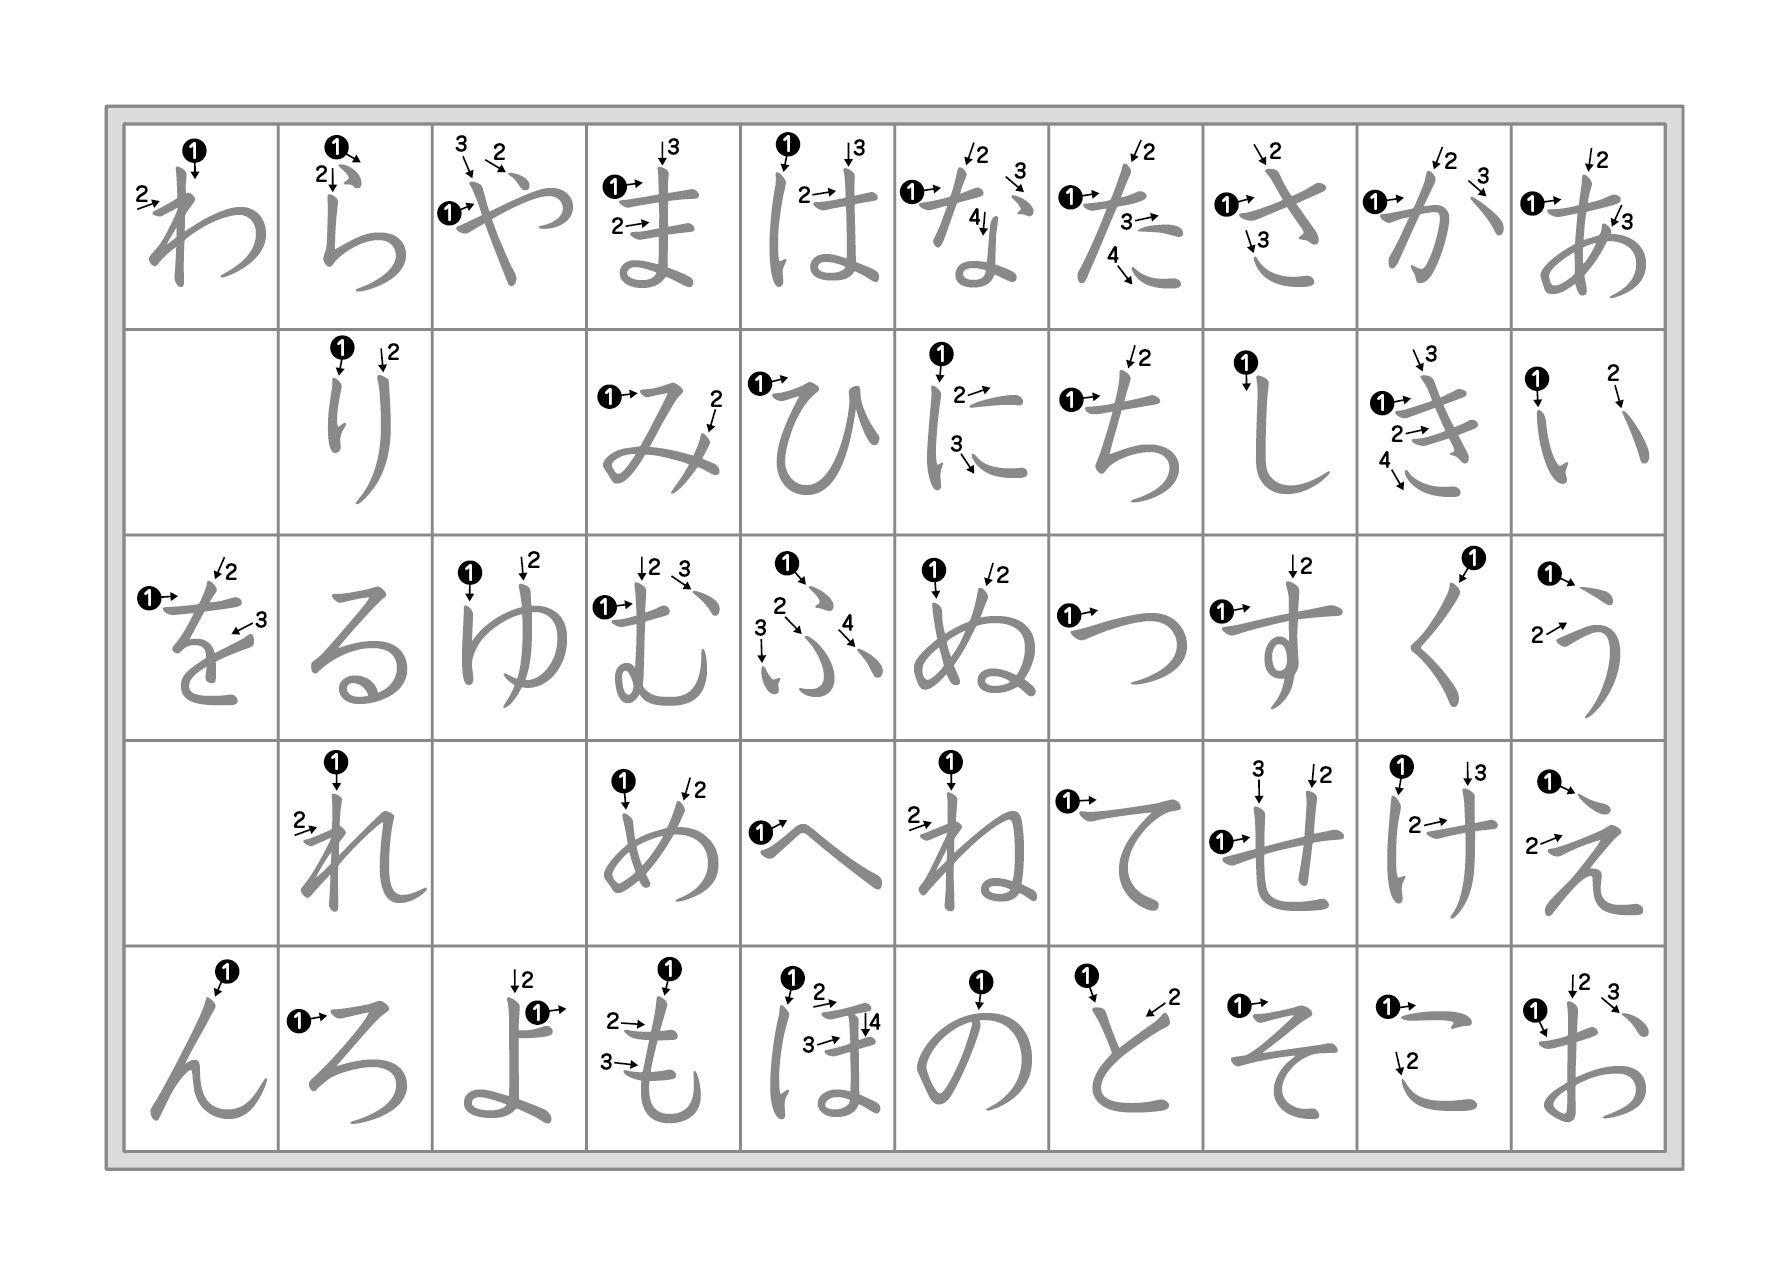 medium resolution of sasagami358 s hiragana stroke order chart